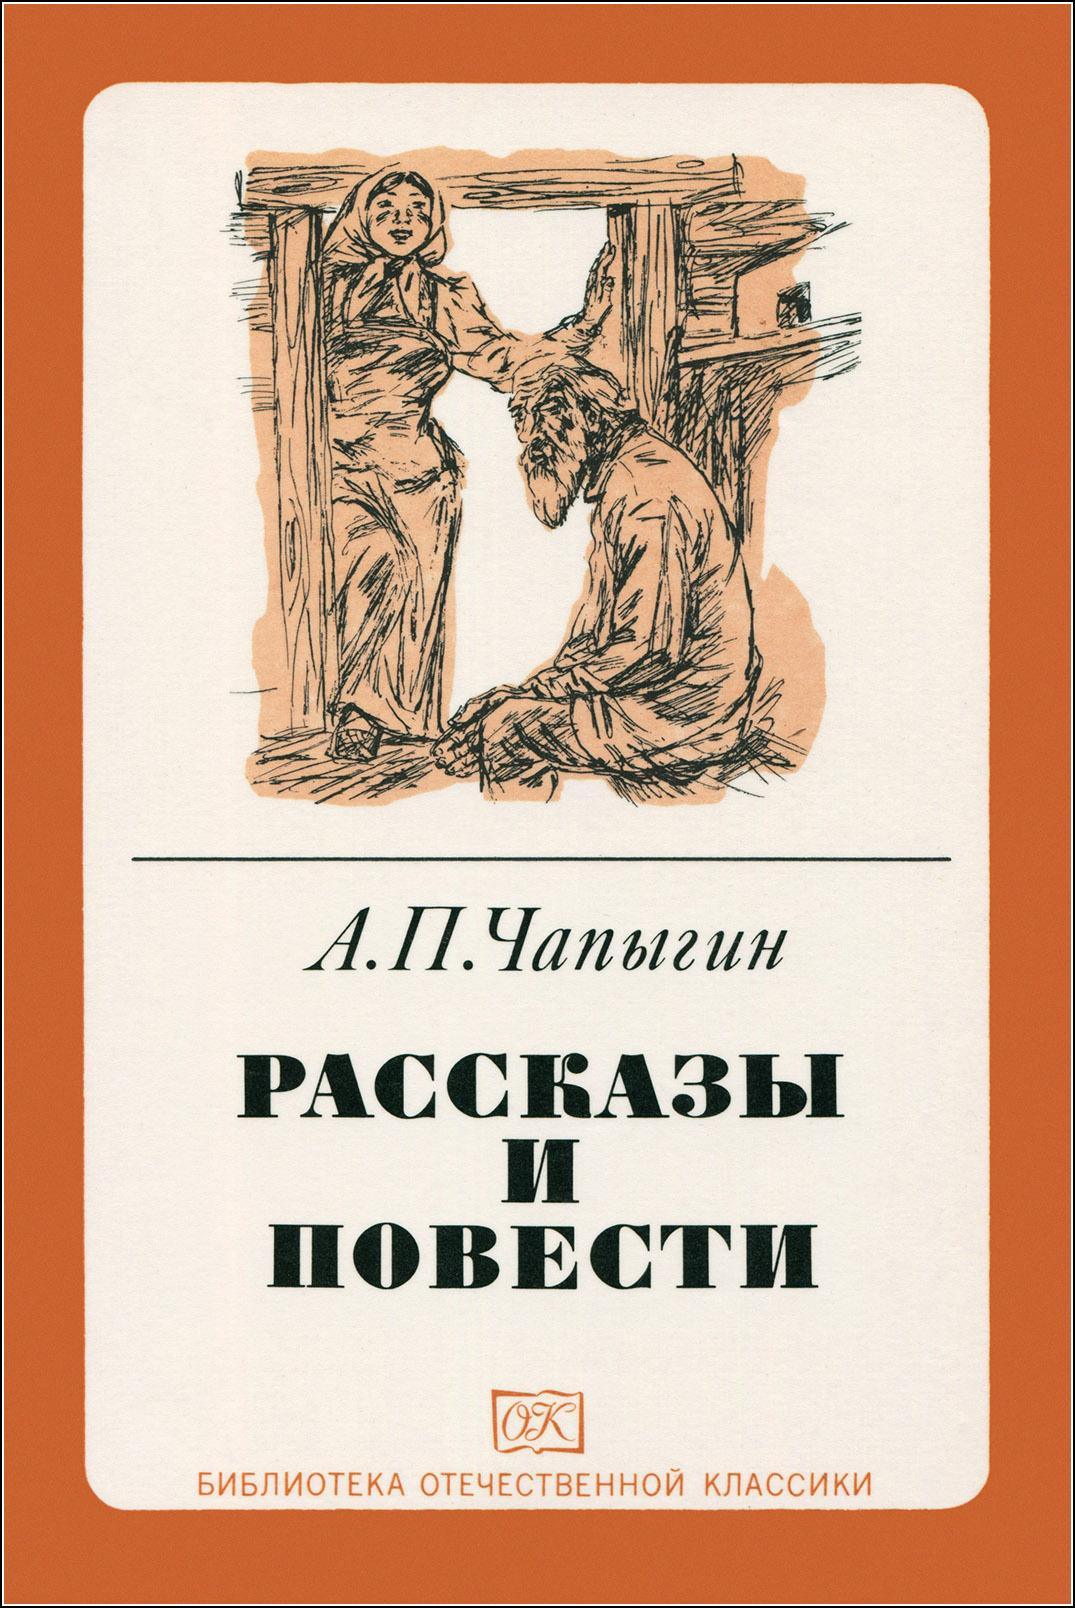 Ю. Мингазитинов, А. П. Чапыгин, Повести и рассказы